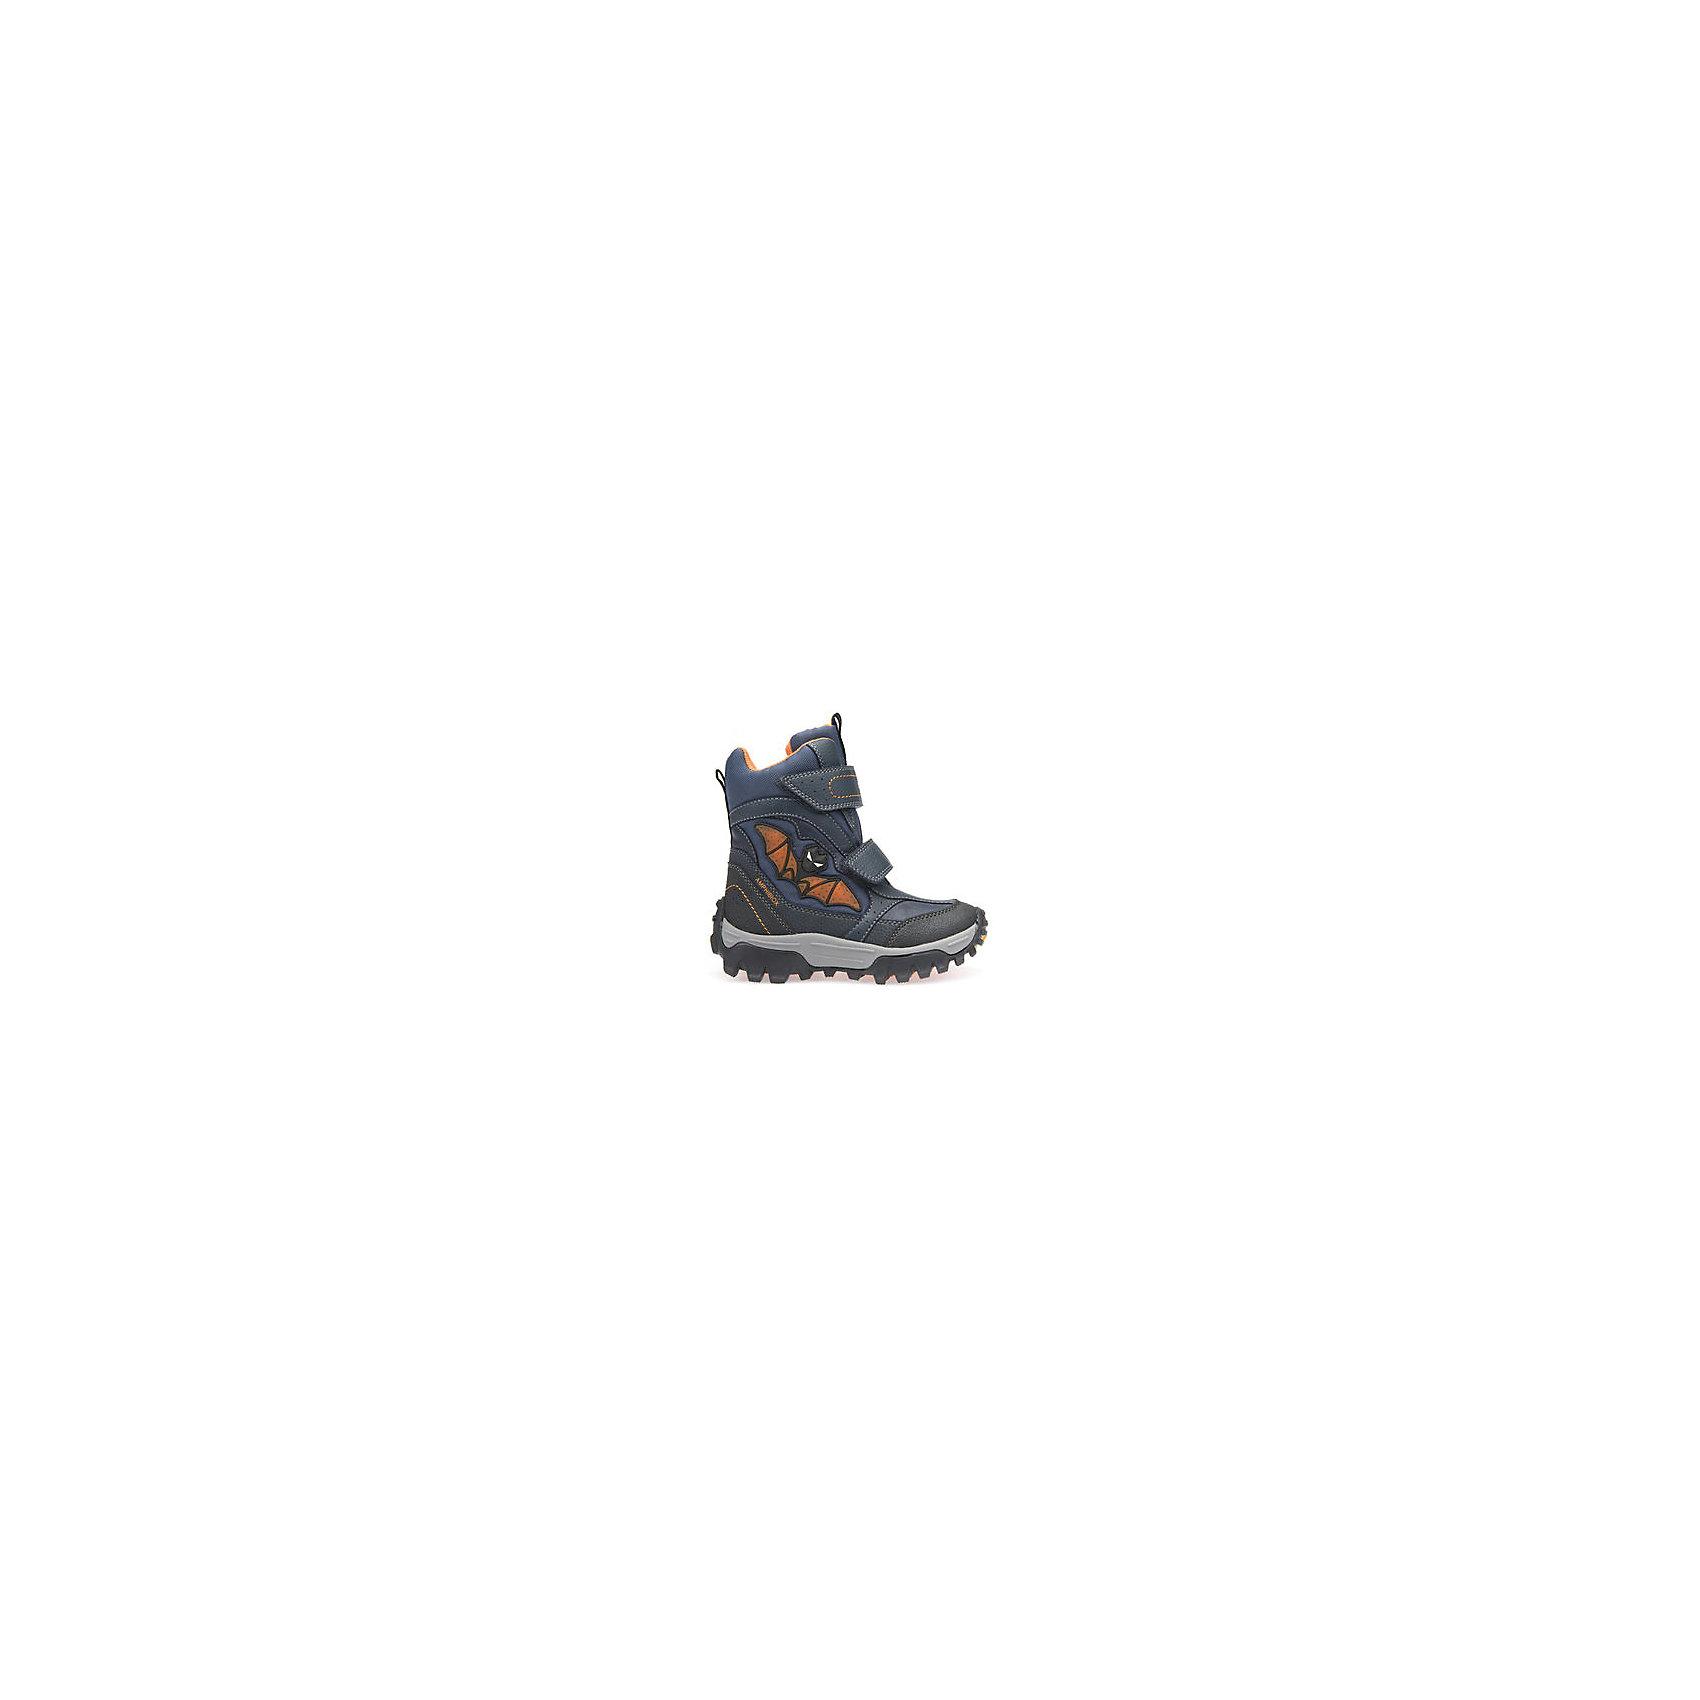 Ботинки со светодиодами для мальчика GeoxБотинки<br>Полусапожки для мальчика GEOX (ГЕОКС)<br>Полусапожки для мальчика от GEOX (ГЕОКС) выполнены из сочетания текстиля и искусственной кожи, декорированы изображением летучей мыши со встроенными светодиодами. Подкладка сшита из искусственного меха. Войлочная стелька с изоляционным алюминиевым слоем улучшается тепловое сопротивление в холодных условиях, повышая температуру внутри обуви. Влага не застаивается в обуви, благодаря чему создается идеальный микроклимат, который держит ноги теплыми и сухими, и позволяет им дышать естественно. Колодка соответствует анатомическим особенностям строения детской стопы. Качественная амортизация снижает нагрузку на суставы. Запатентованная гибкая перфорированная подошва со специальной микропористой мембраной обеспечивает естественное дыхание обуви, не пропускает воду, не скользит. Модель имеет усиленный мыс и пятку. Застежки-липучки облегчают снимание и надевание обуви и надежно фиксируют ее на ногах.<br><br>Дополнительная информация:<br><br>- Сезон: зима<br>- Цвет: синий<br>- Вид застежки: липучки<br>- Материал верха: искусственная кожа, текстиль<br>- Материал подкладки: искусственный мех<br>- Материал стельки: текстиль<br>- Материал подошвы: резина<br>- Высота голенища/задника: 12 см.<br>- Высота подошвы: 1 см.<br>- Высота каблука: 1 см.<br>- Технология Amphibiox<br>- Материалы и продукция прошли специальную проверку T?V S?D, на отсутствие веществ, опасных для здоровья покупателей<br><br>Полусапожки для мальчика GEOX (ГЕОКС) можно купить в нашем интернет-магазине.<br><br>Ширина мм: 257<br>Глубина мм: 180<br>Высота мм: 130<br>Вес г: 420<br>Цвет: синий<br>Возраст от месяцев: 36<br>Возраст до месяцев: 48<br>Пол: Мужской<br>Возраст: Детский<br>Размер: 27,30,30,29,28,26,28,31<br>SKU: 4812183